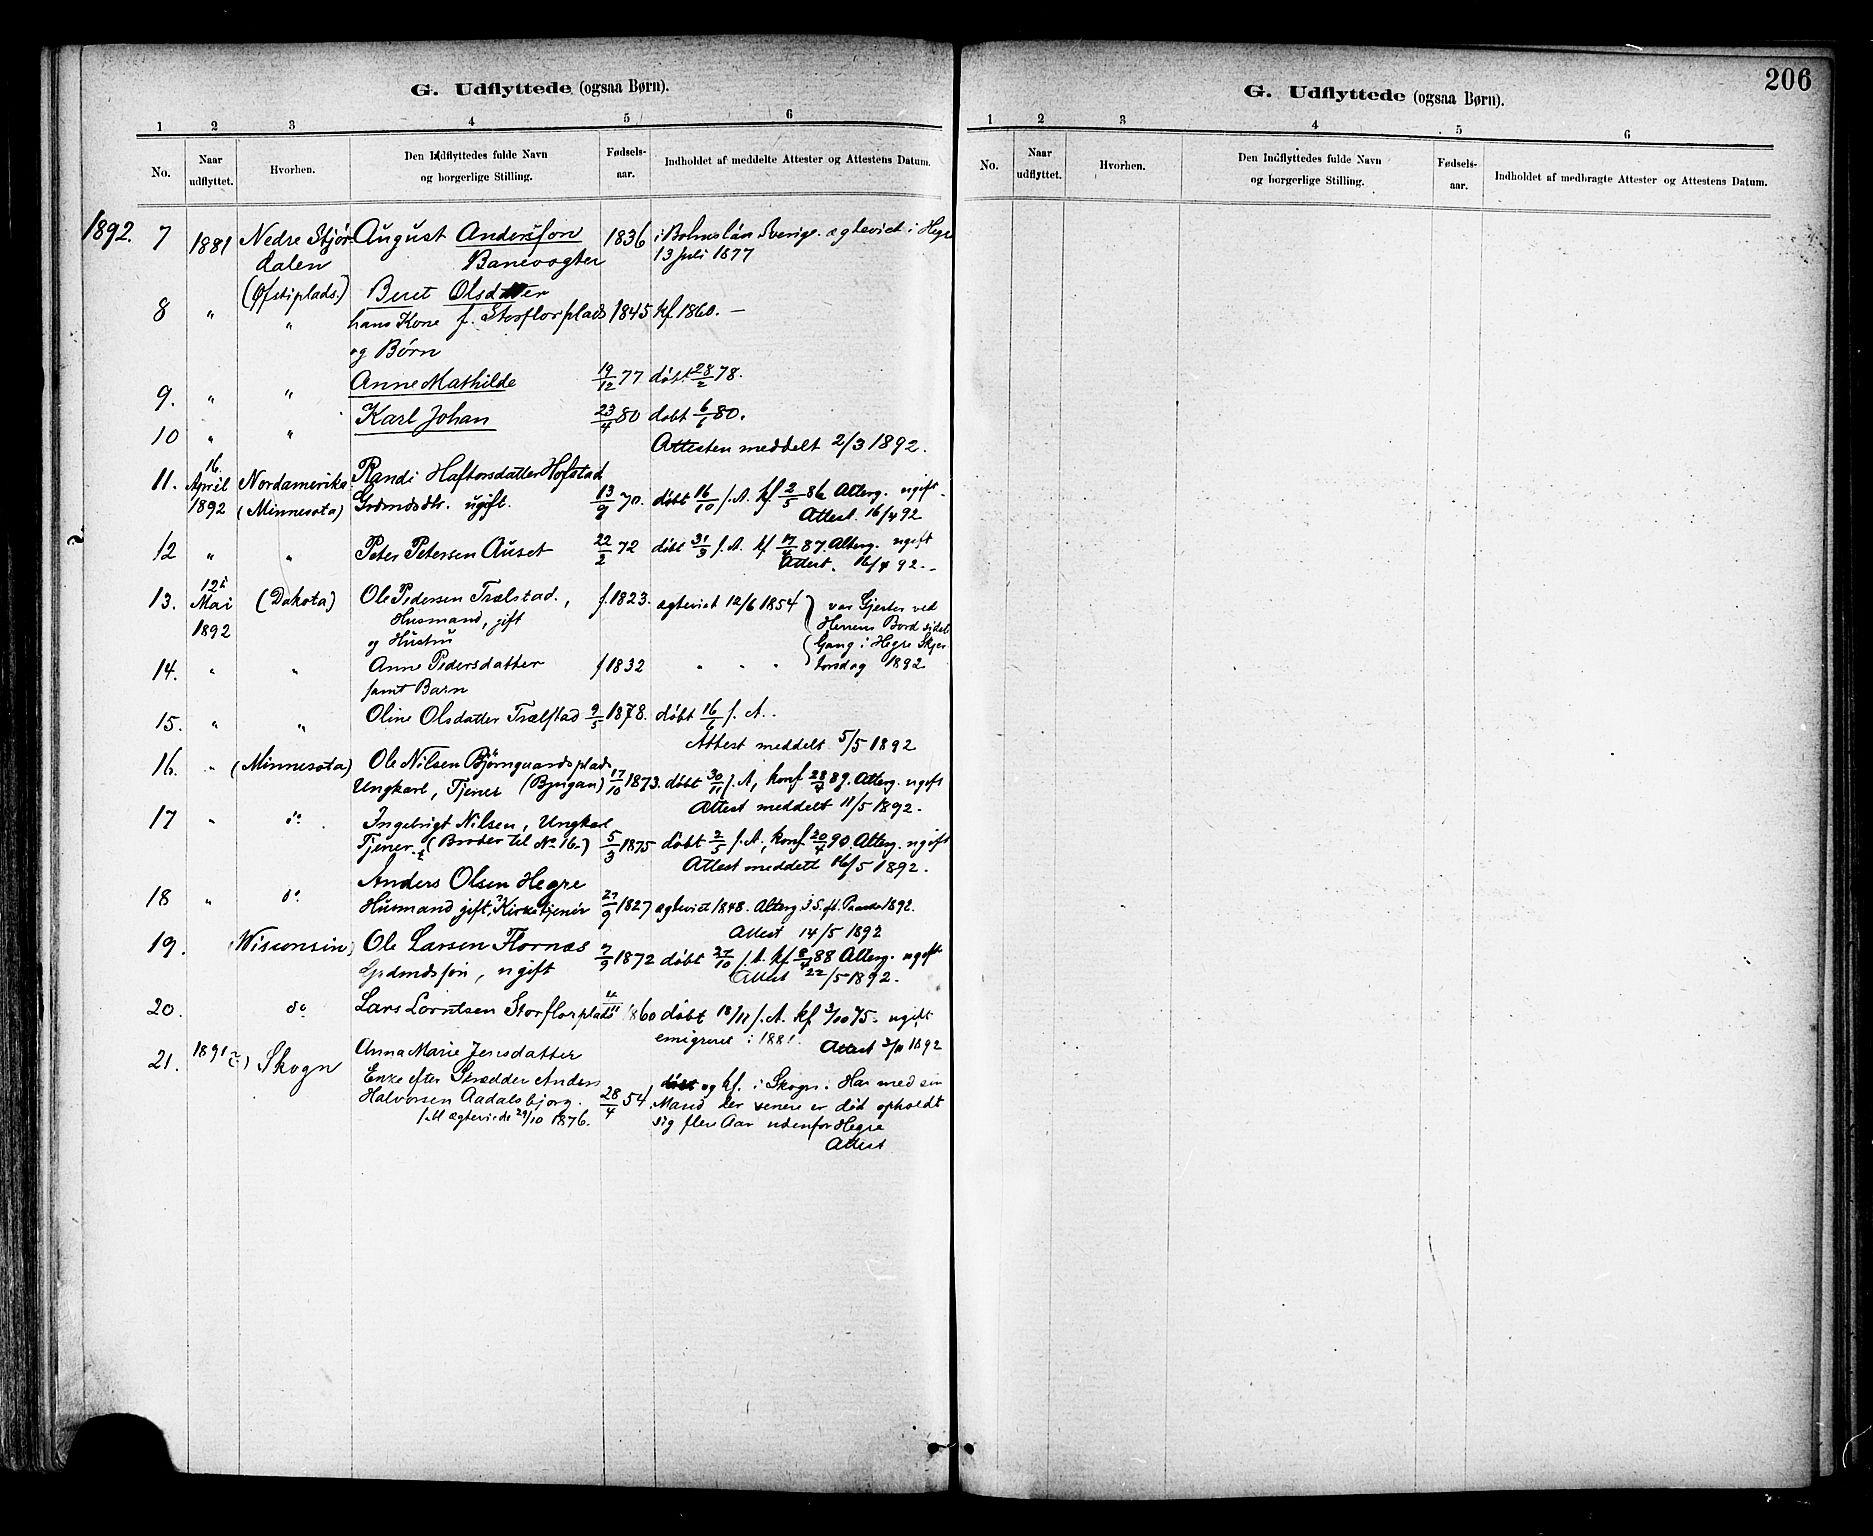 SAT, Ministerialprotokoller, klokkerbøker og fødselsregistre - Nord-Trøndelag, 703/L0030: Ministerialbok nr. 703A03, 1880-1892, s. 206